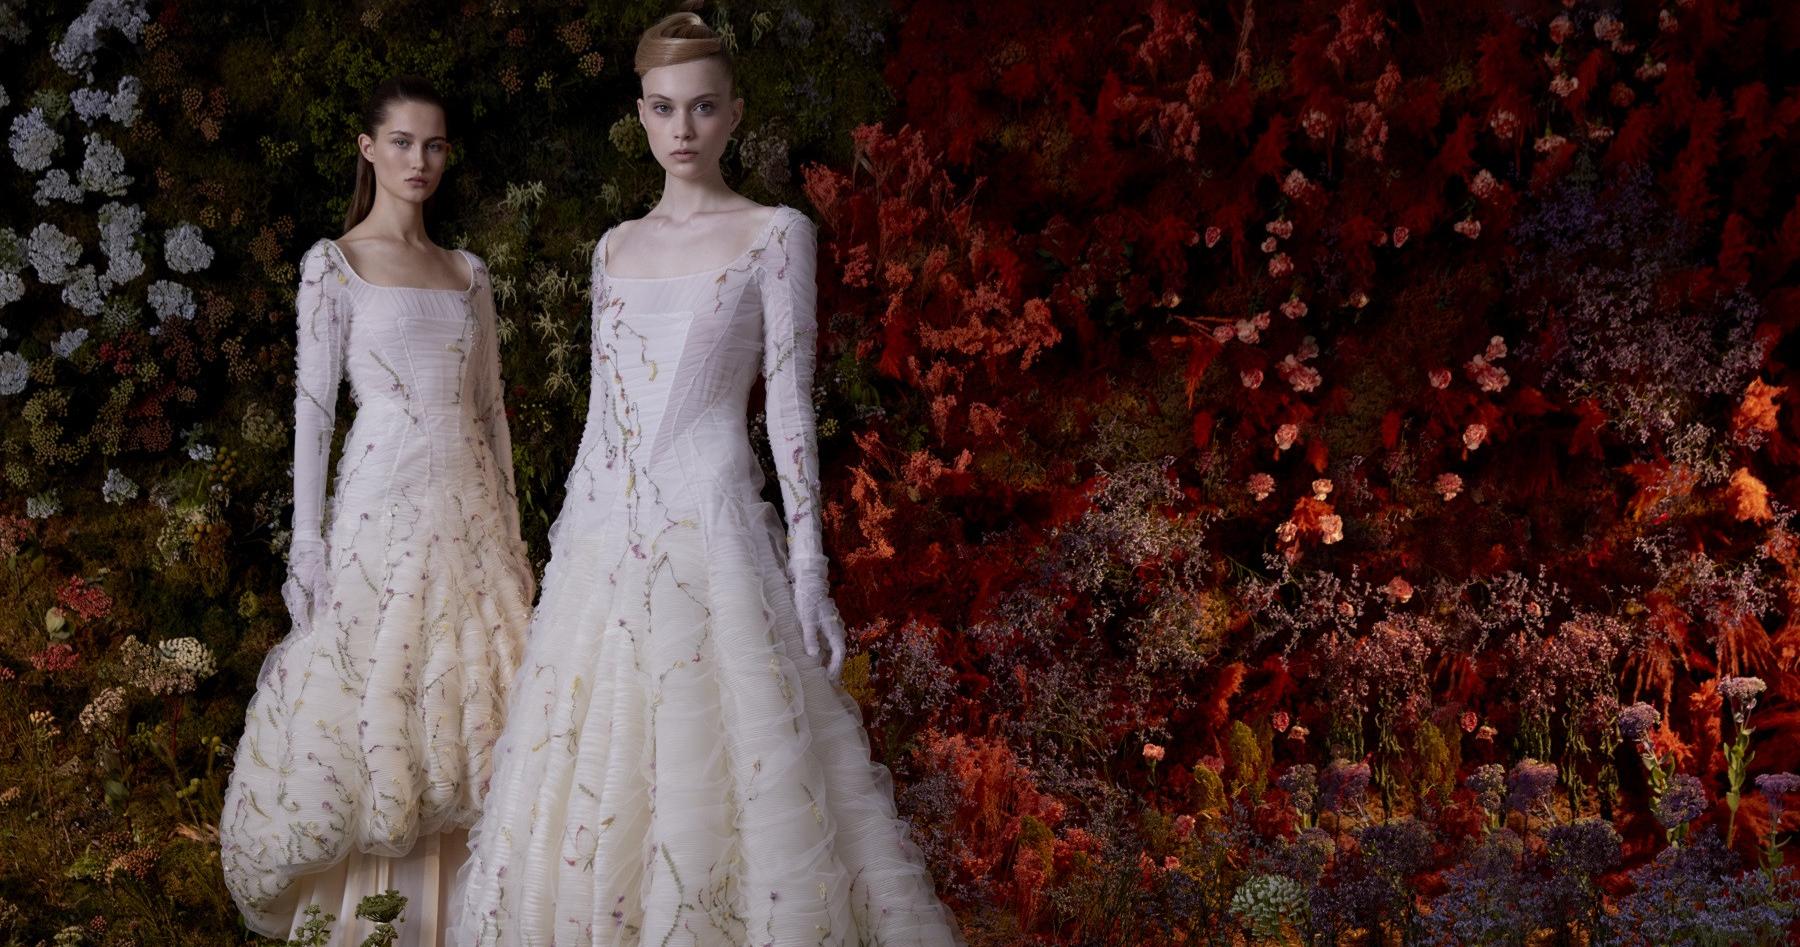 Свадебные платья Edem — современное прочтение Ренессанса